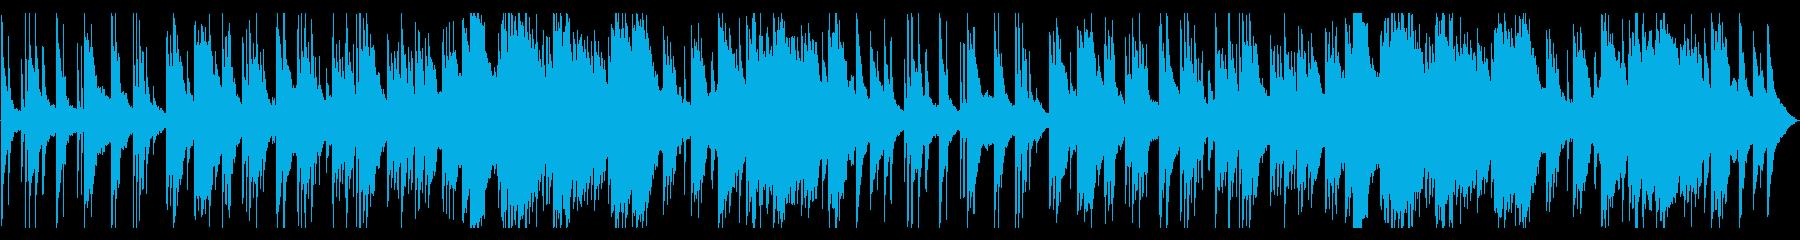 暖かくて少し切ない感動のピアノバラードの再生済みの波形